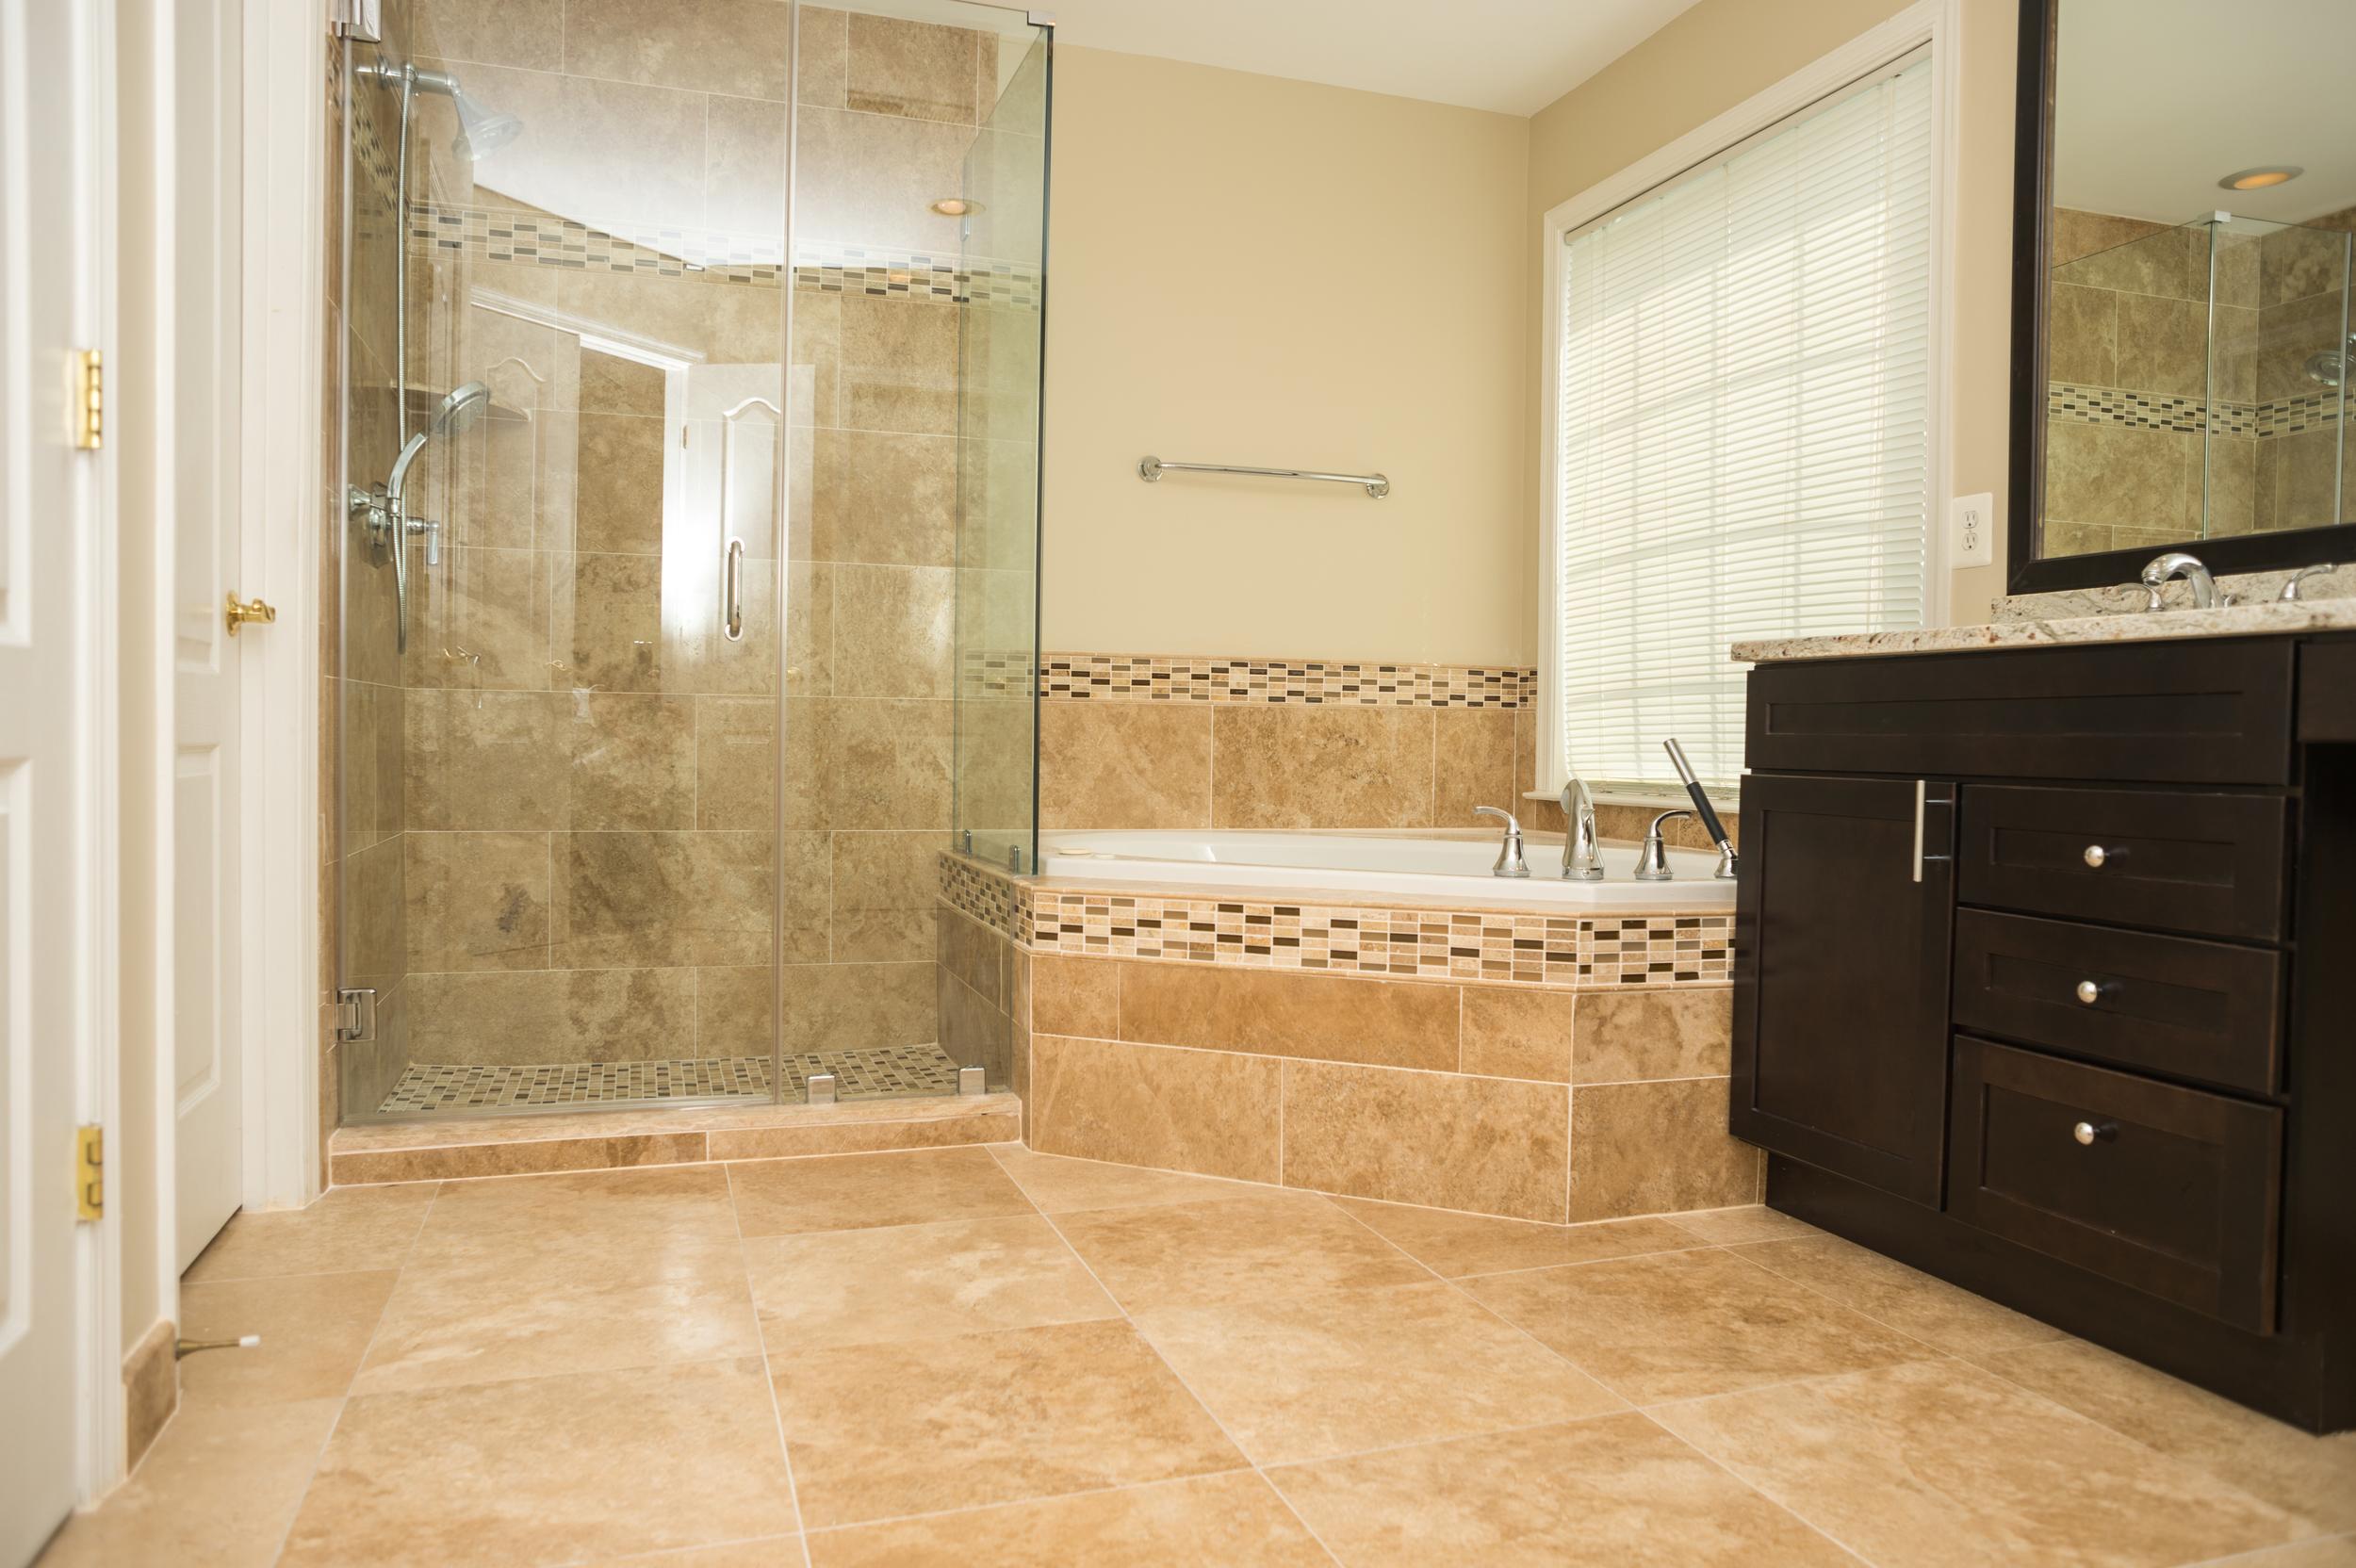 Bathroom remodel Hanover, MD